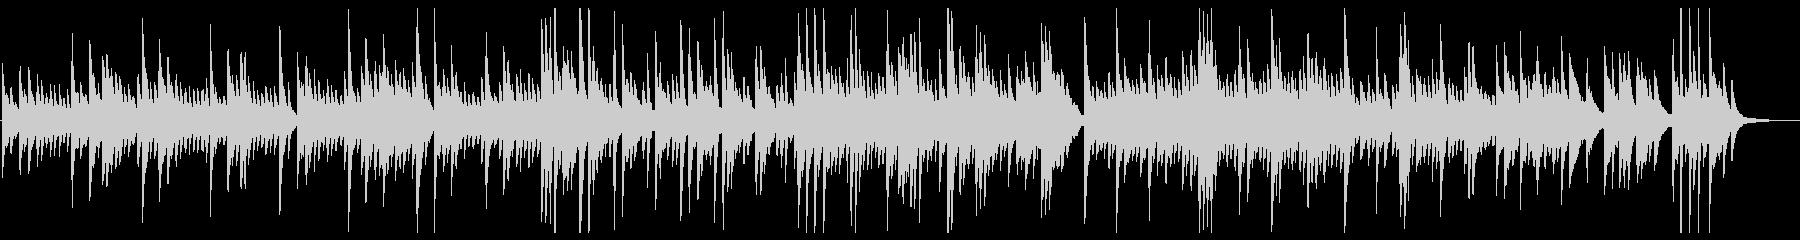 優しく感動的なピアノのバラードの未再生の波形